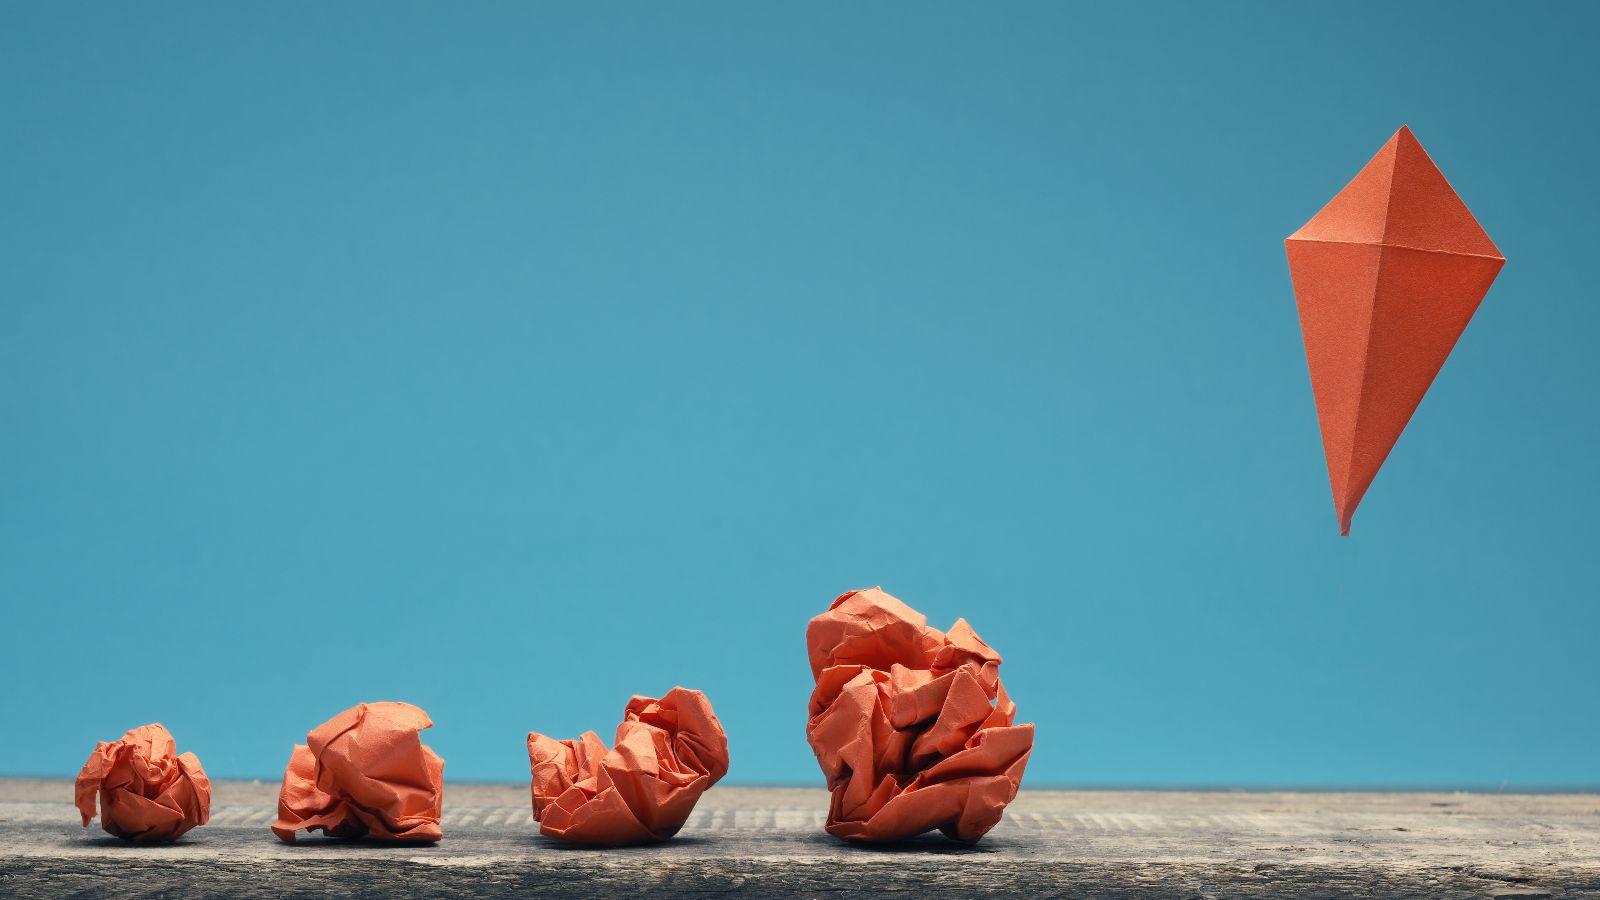 Vier orange zusammengeknüllte Papiere liegen nebeneinander, ein fünftes fliegt als gefalteter Drachen vor blauem Grund nach oben.